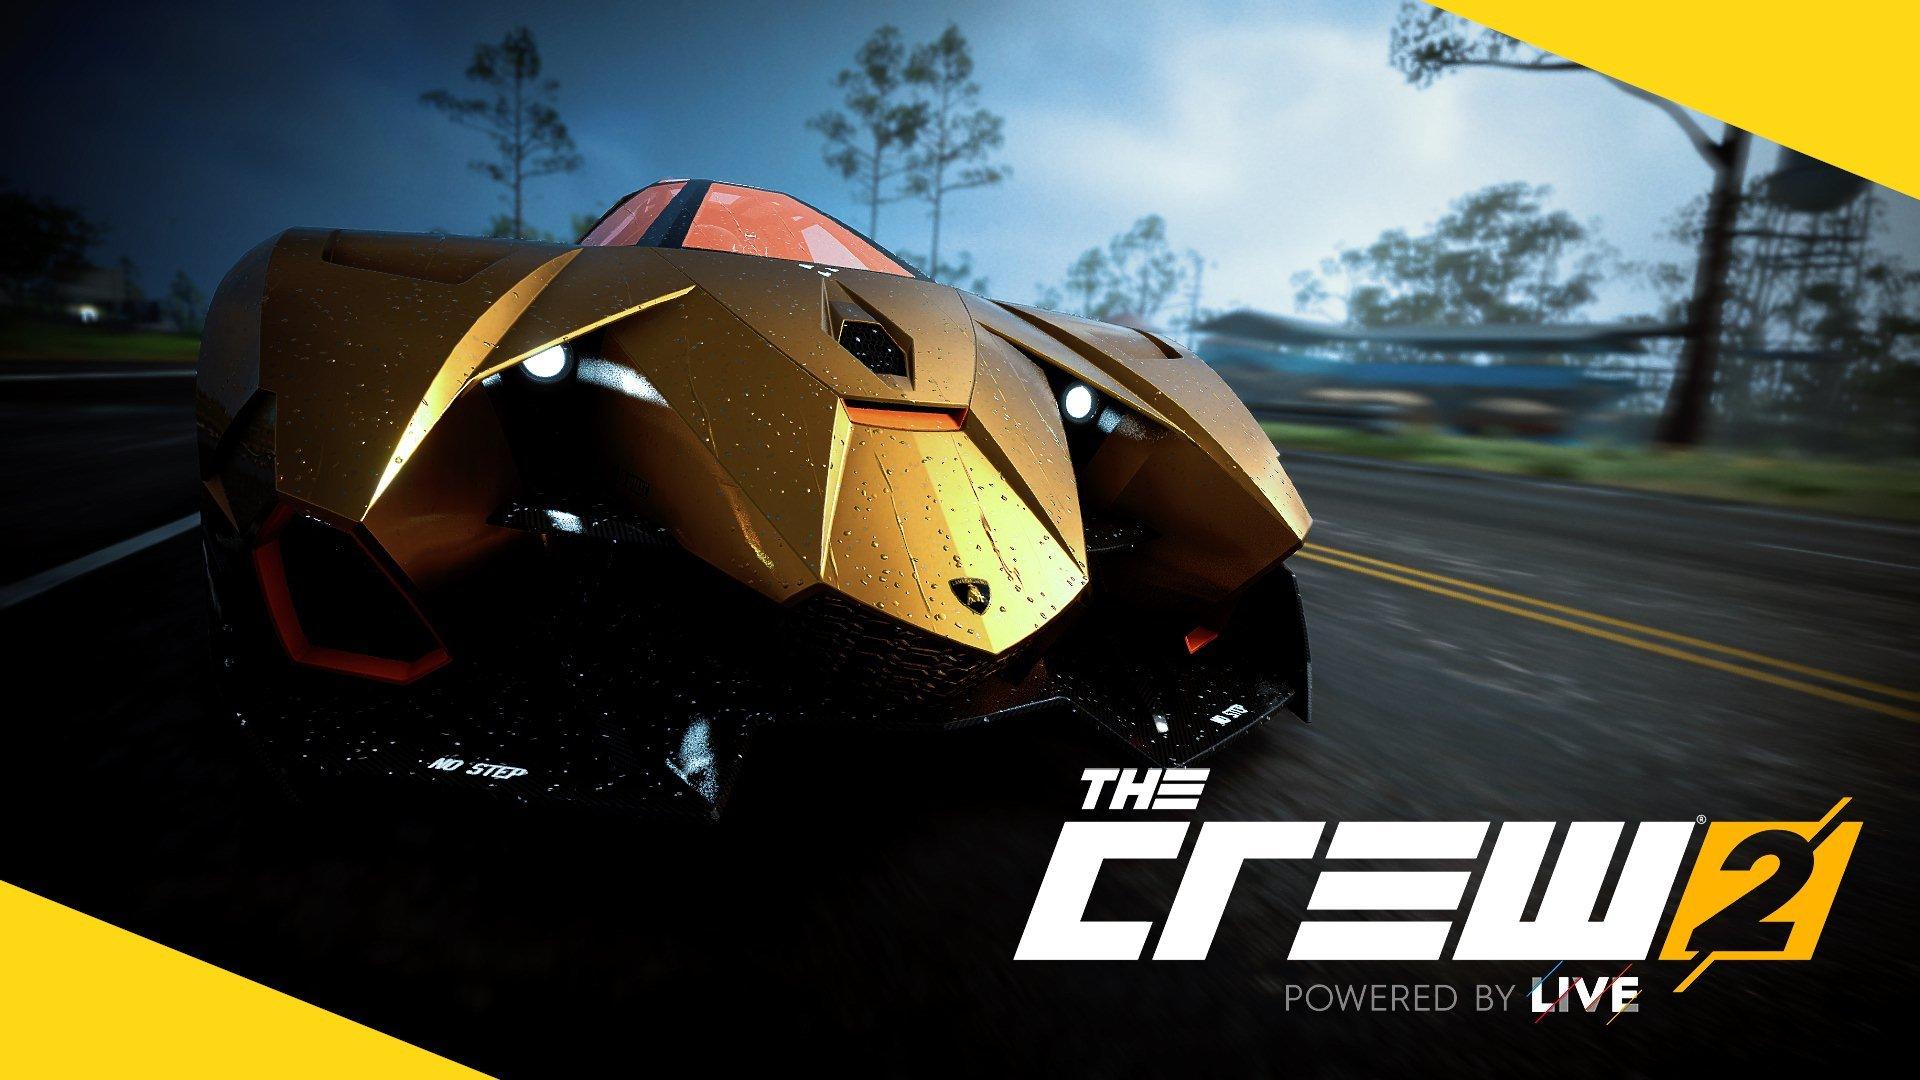 ゲーム「THE CREW2 もはやこれは『車』ではない」_b0362459_10283920.jpeg